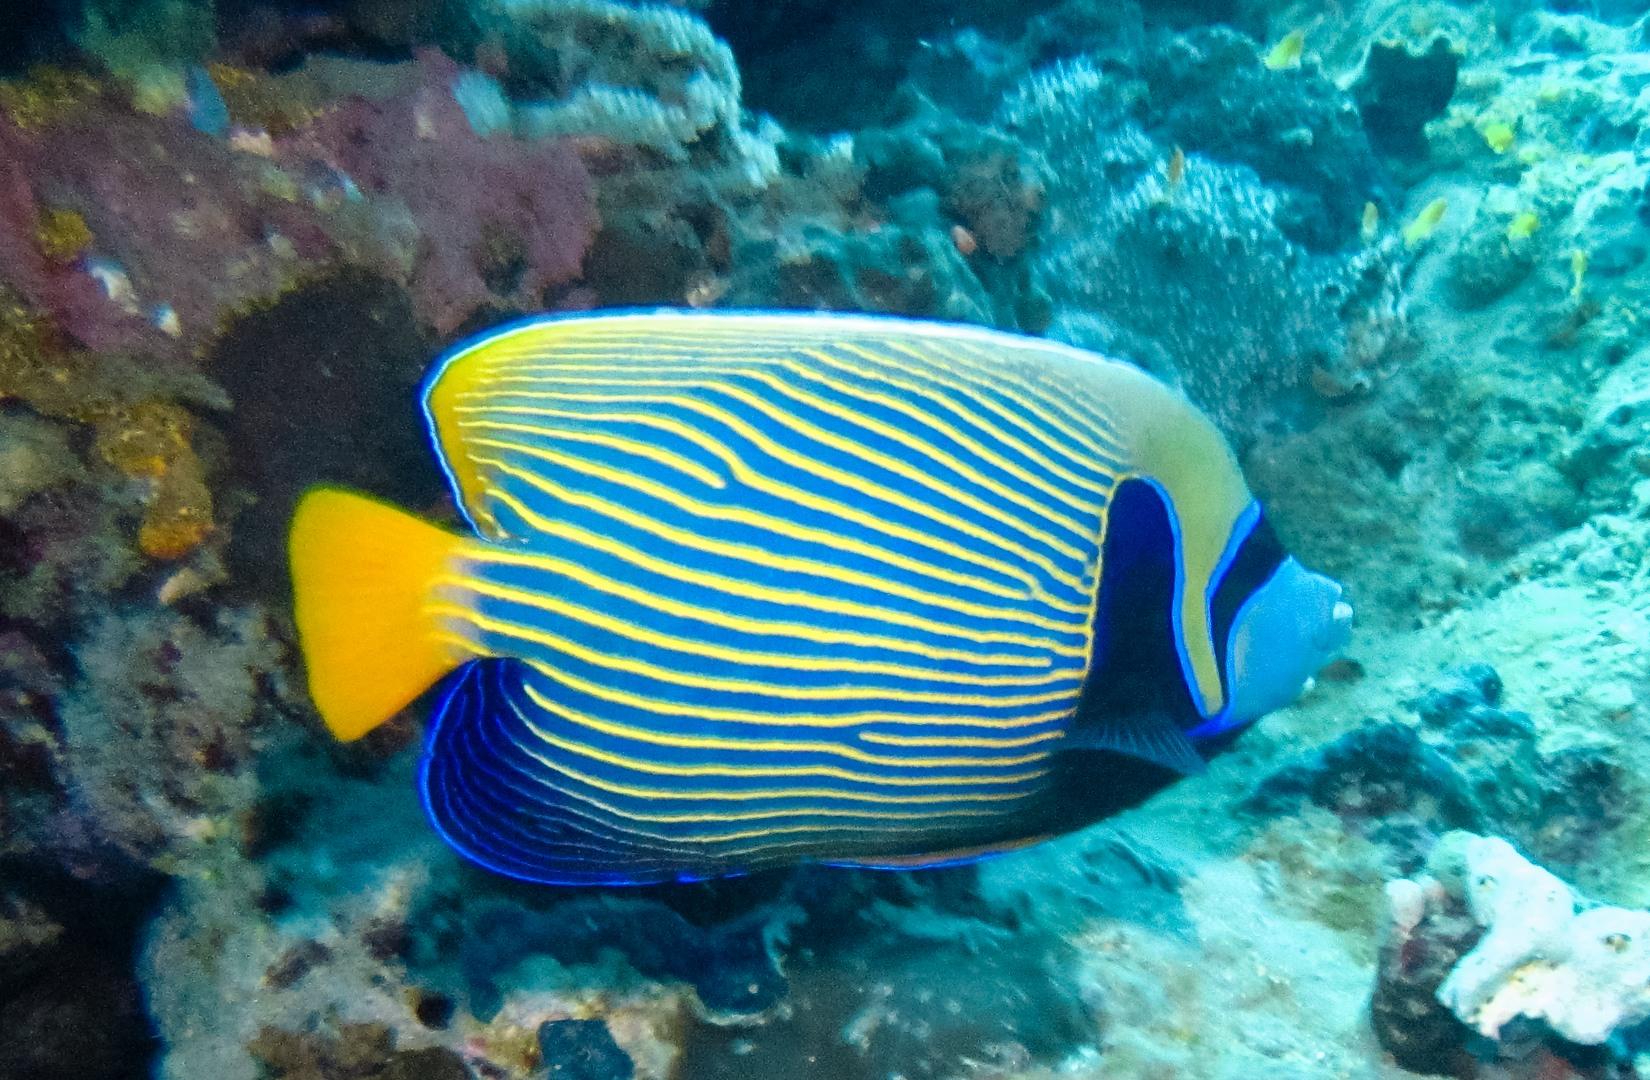 Императорский ангел, взрослая особь, Juvenile Emperor angelfish (Pomacanthus imperator), Красное море